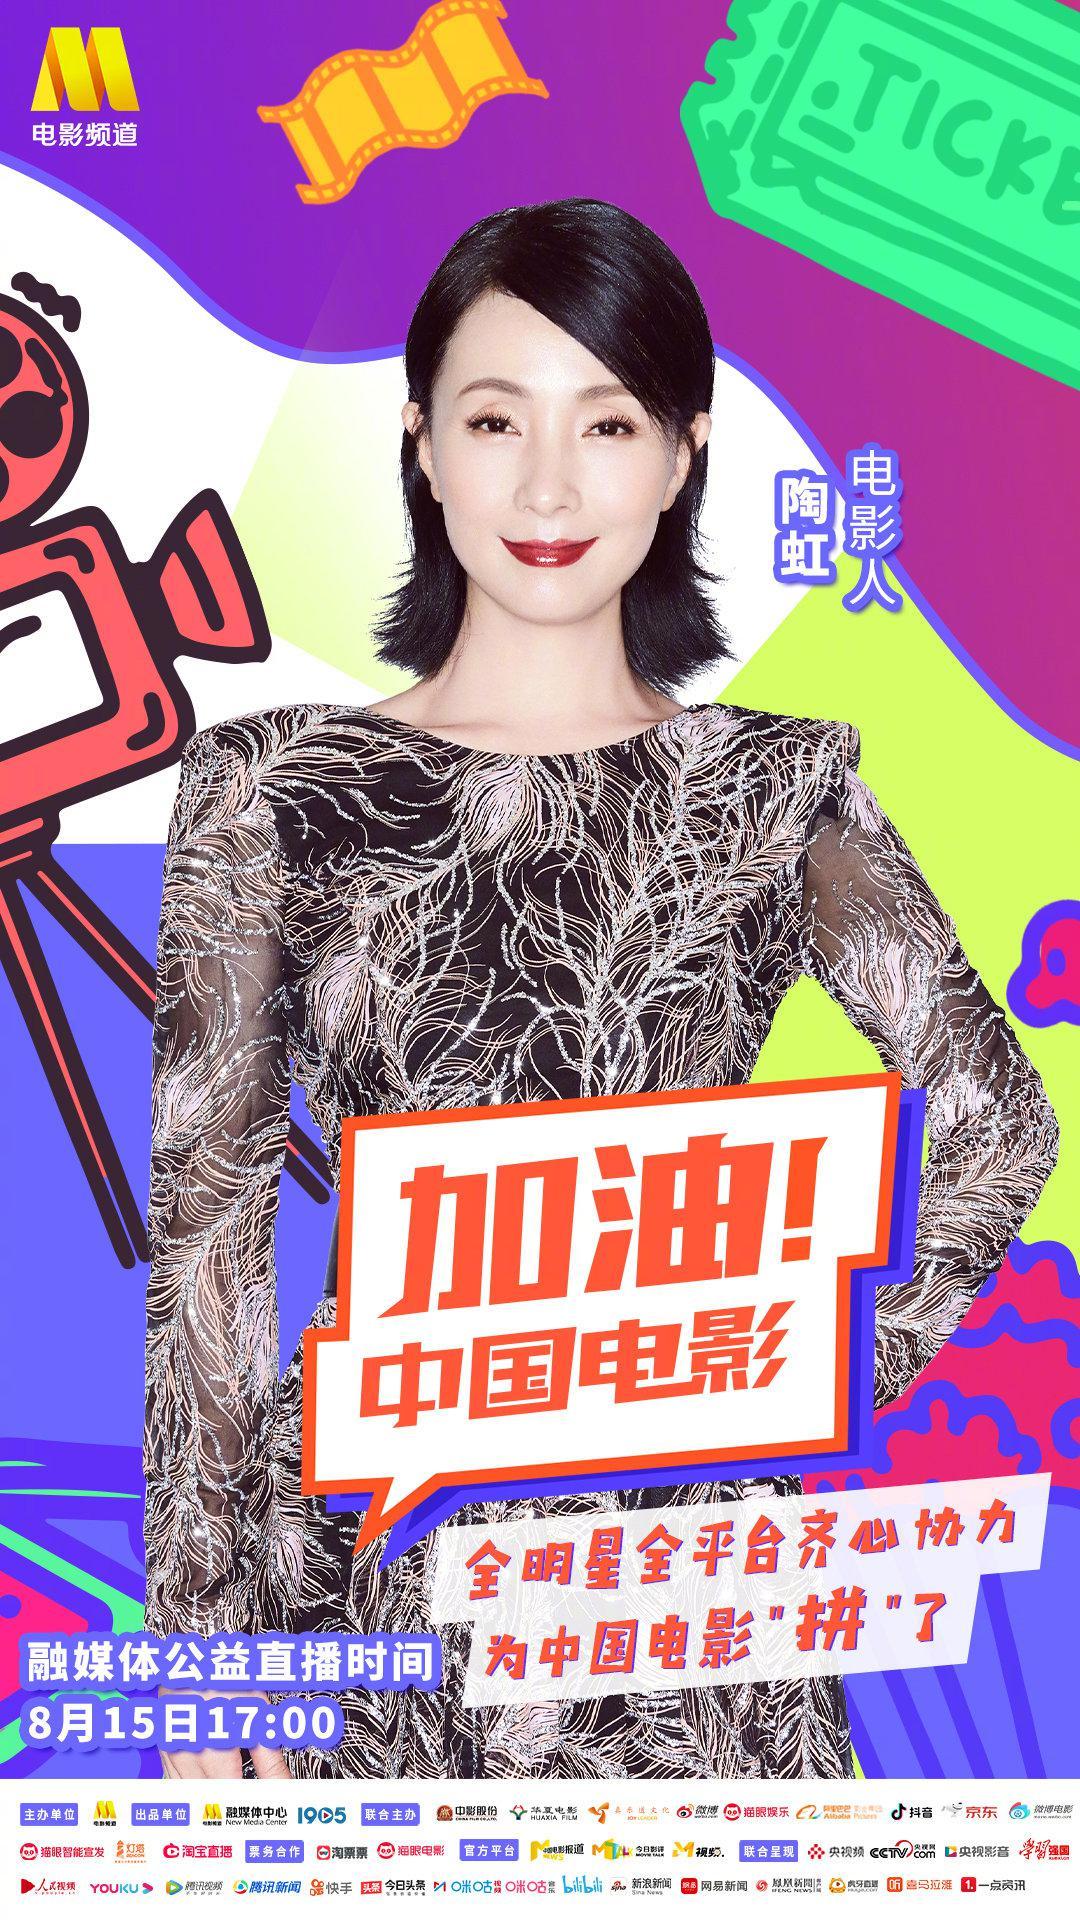 她是电影人@小陶虹 ,她是——小龙女给你小幸运……